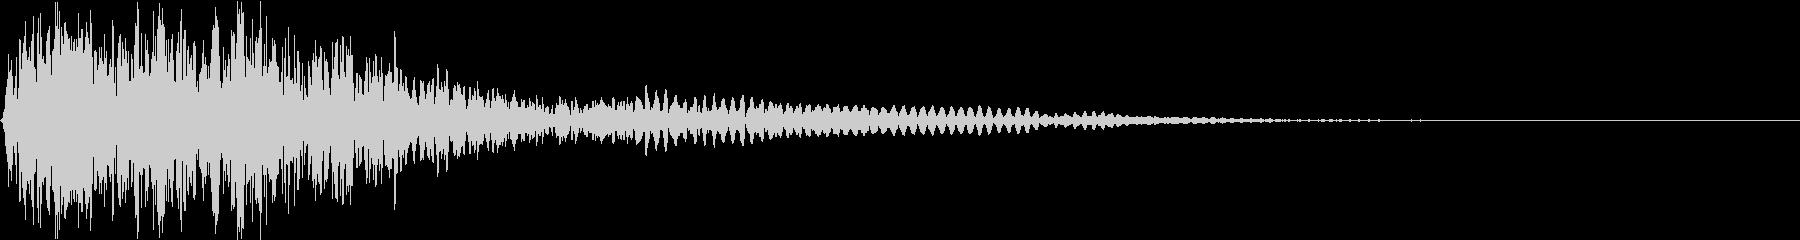 爆発 ドカーン ドーン 衝撃 機械的13の未再生の波形